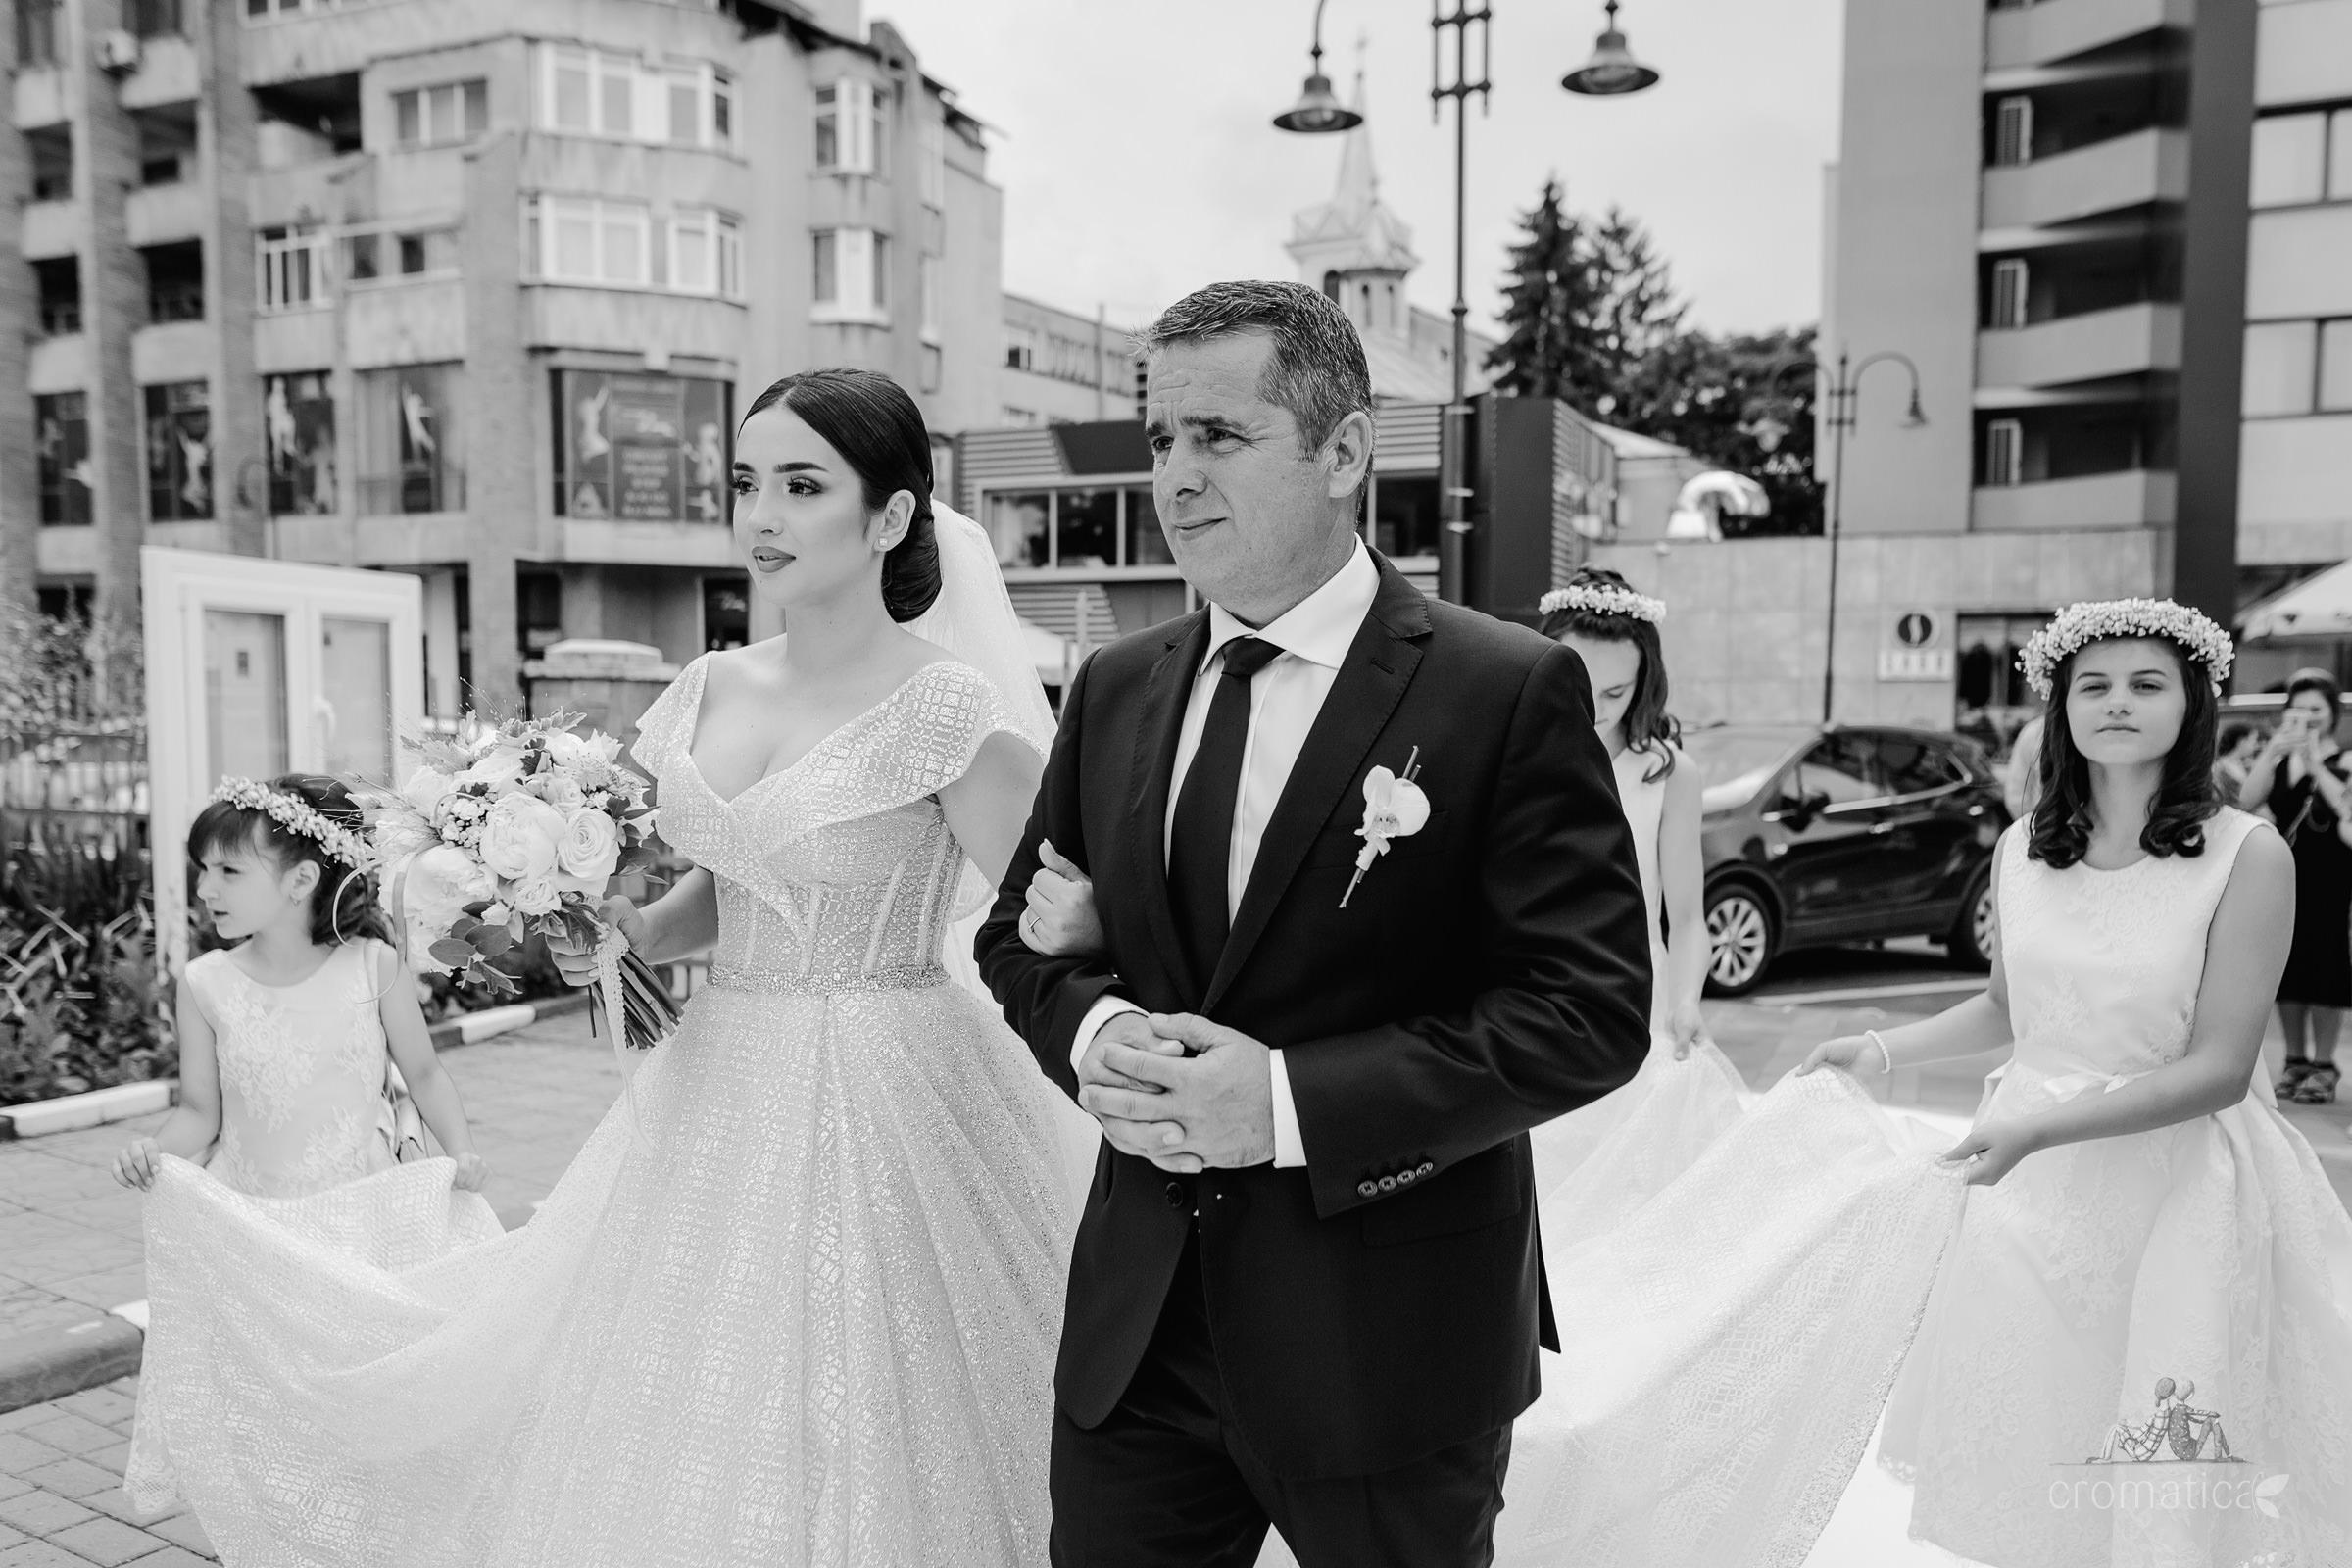 oana alex fotografii nunta rm valcea 022